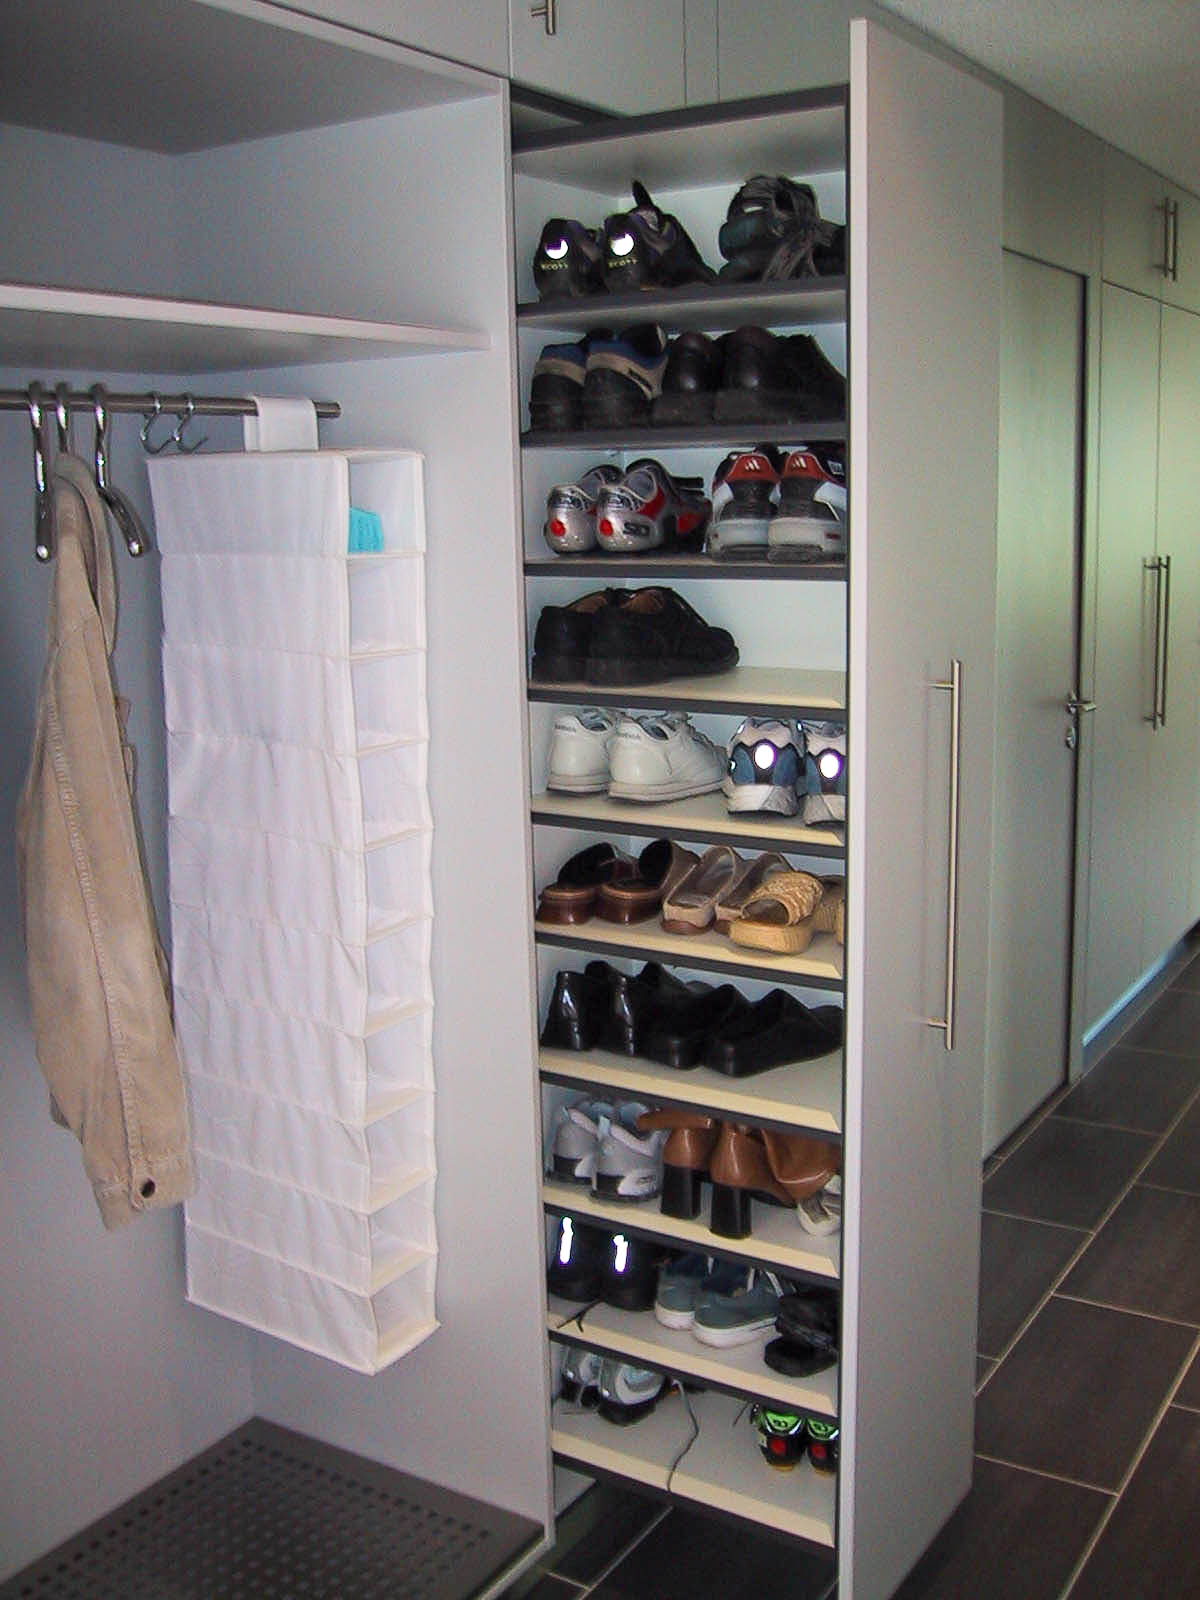 Wooddesign_Garderobe_Gästegarderobe_ausziehbarer Schuhschrank_ offene Garderobe (3)